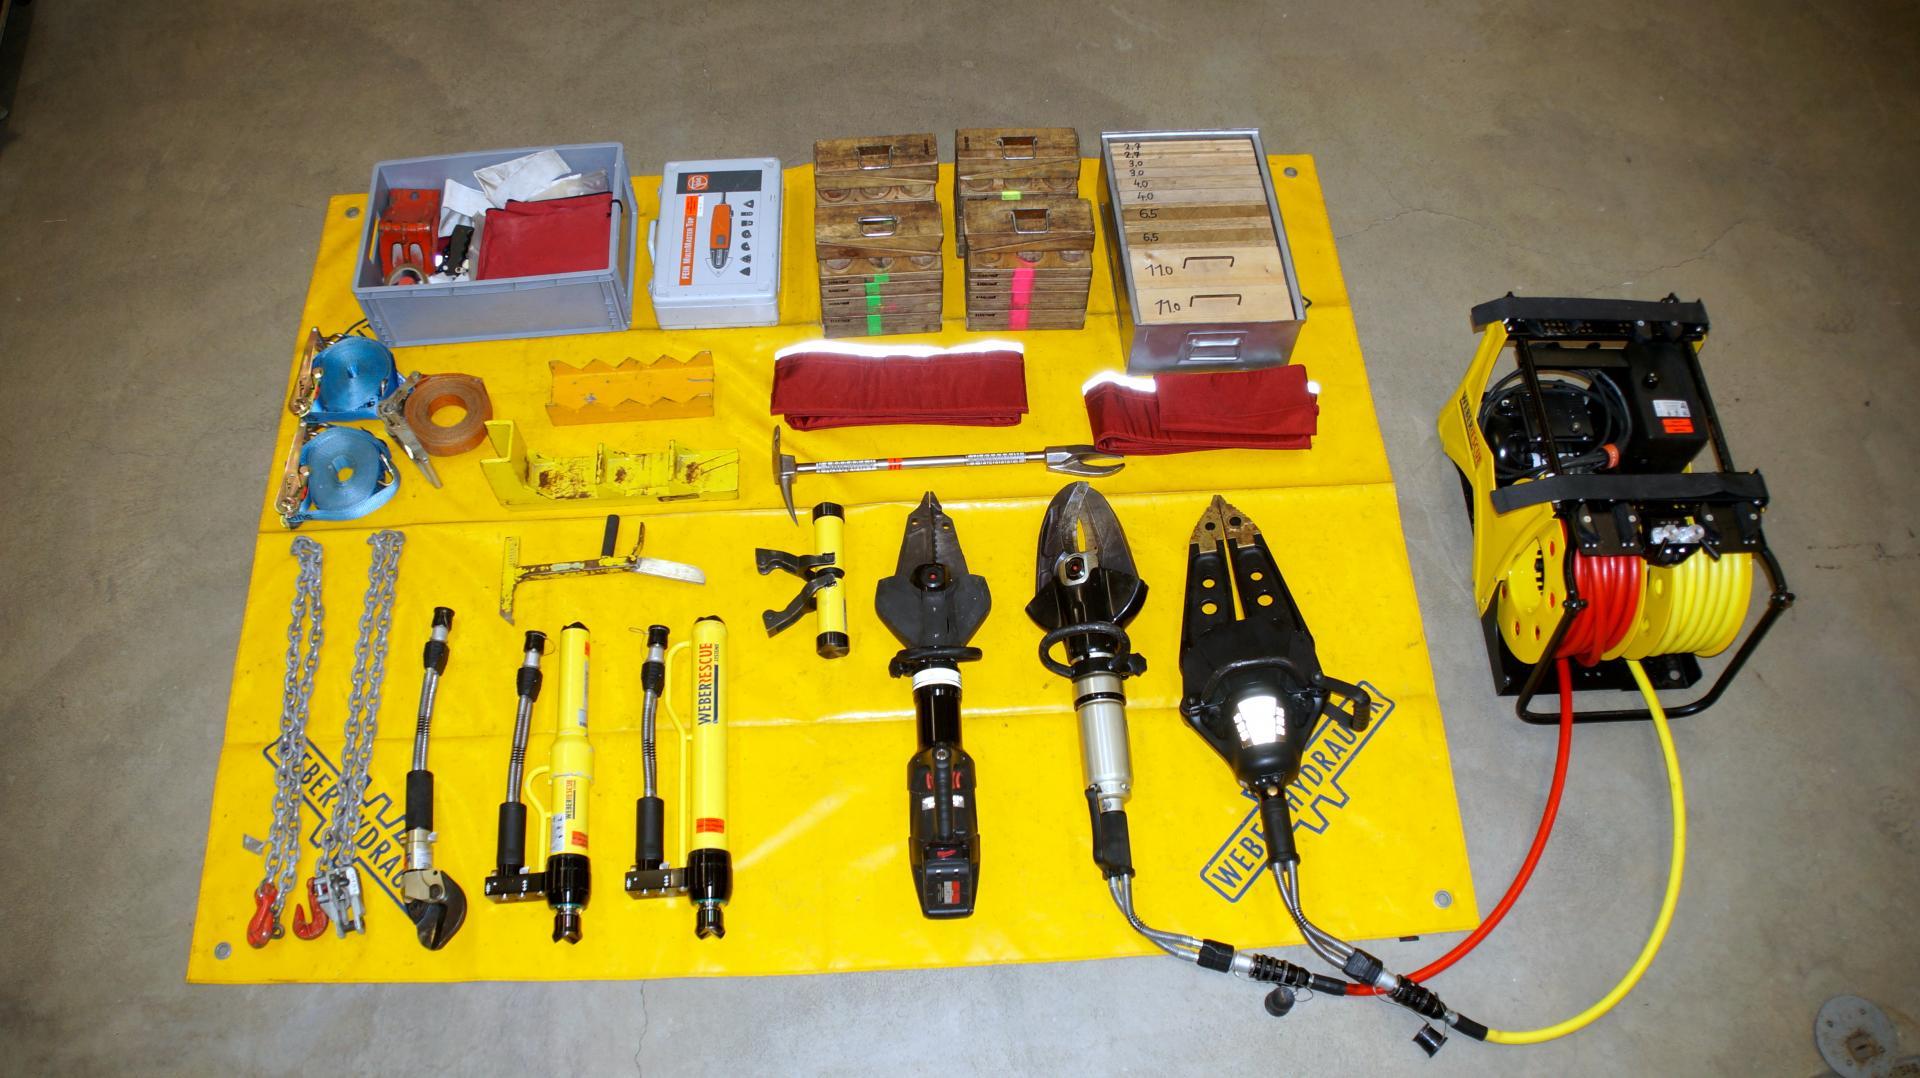 Hydraulischer Rettungssatz und weitere Geräte zur Technischen Hilfeleistung auf der Bereitstellungsplane